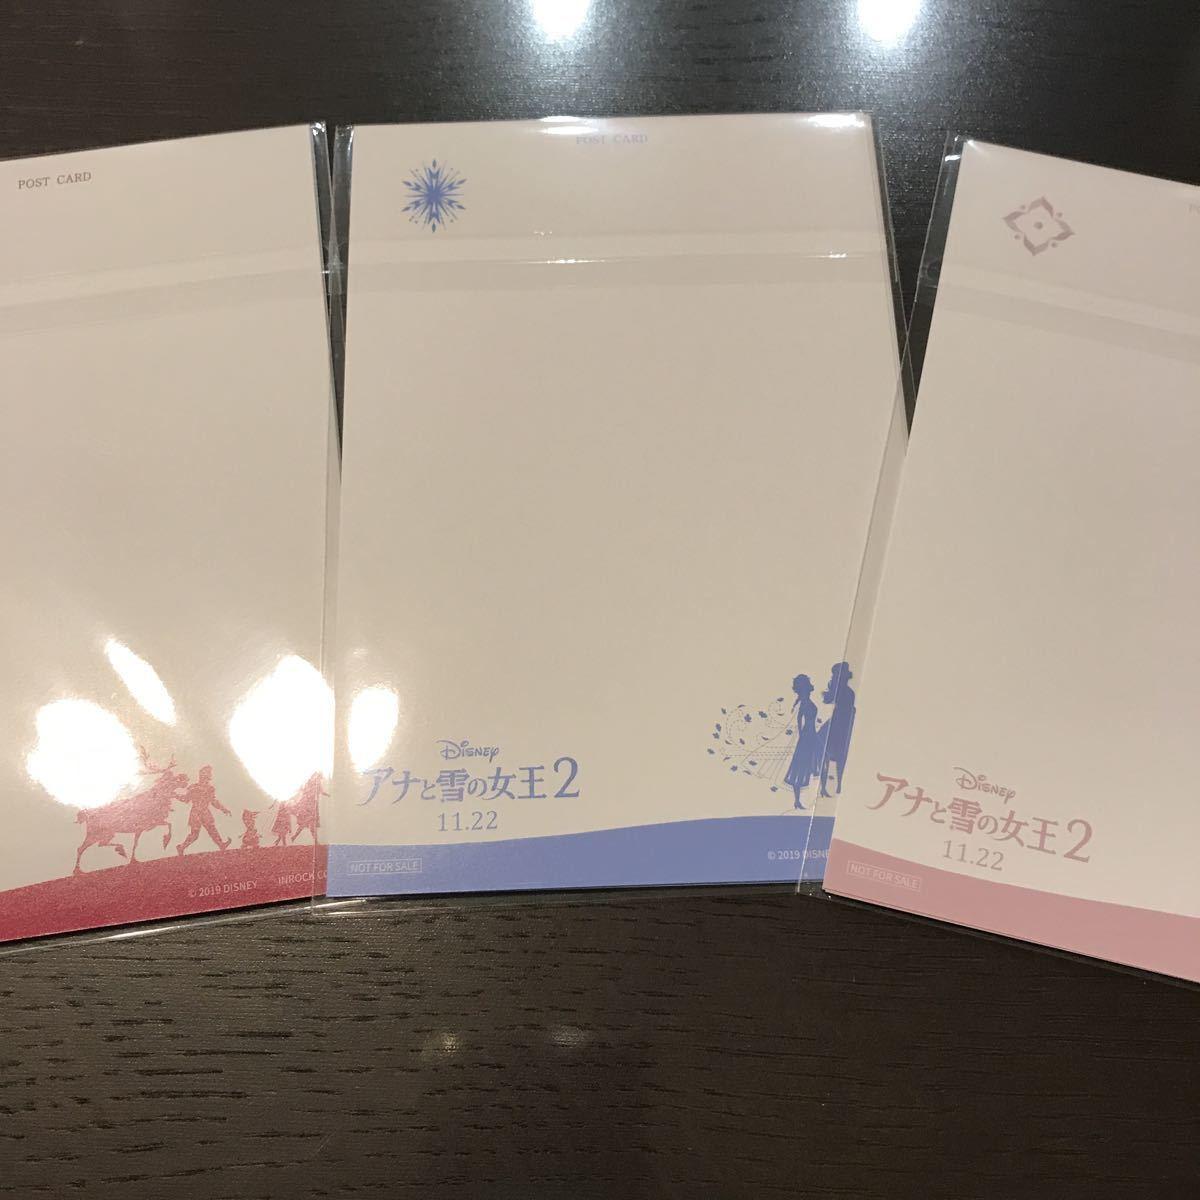 映画 アナと雪の女王2 ポストカード 3種 未開封新品